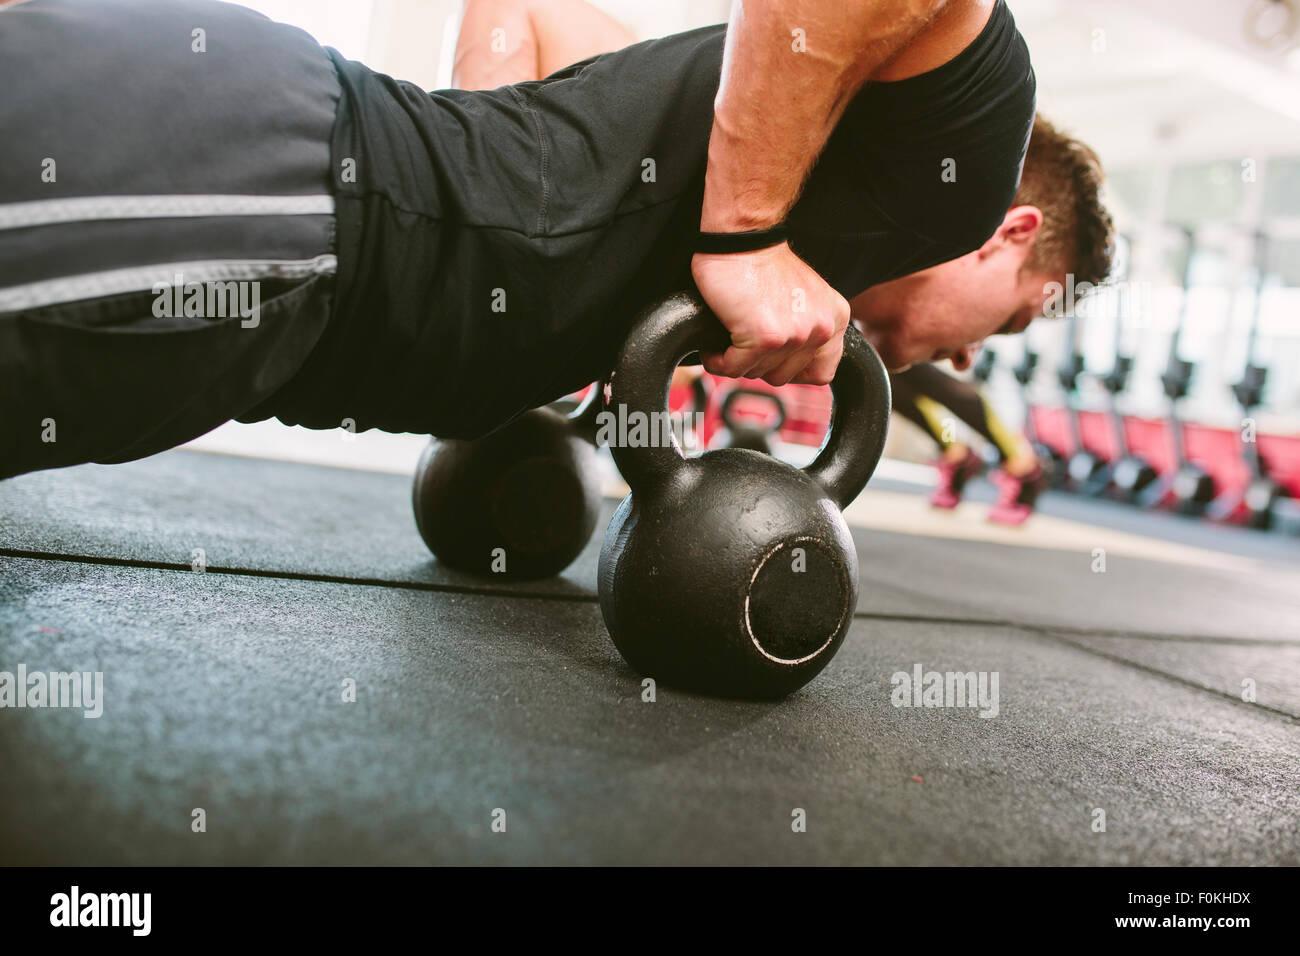 Atleta CrossFit HACIENDO FLEXIONES SOBRE kettlebells Foto de stock